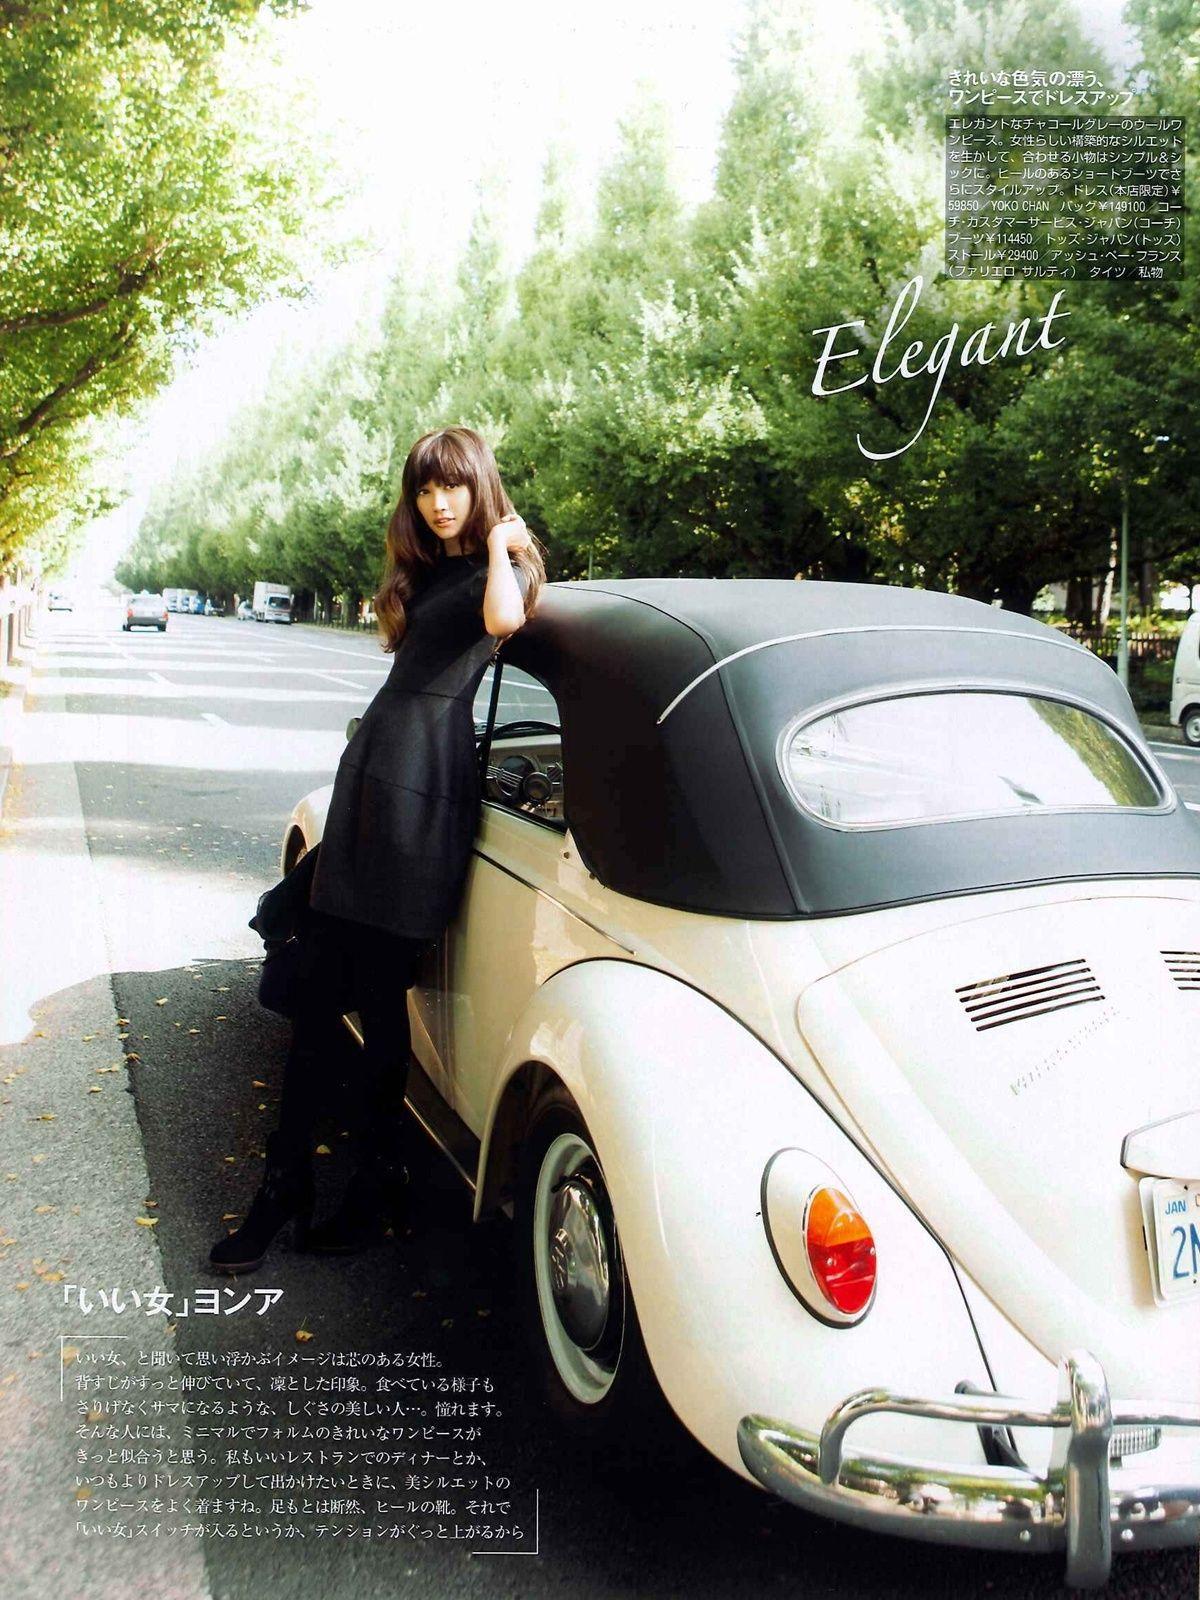 日本の女性ファッション誌の世界的お洒落レベルは?